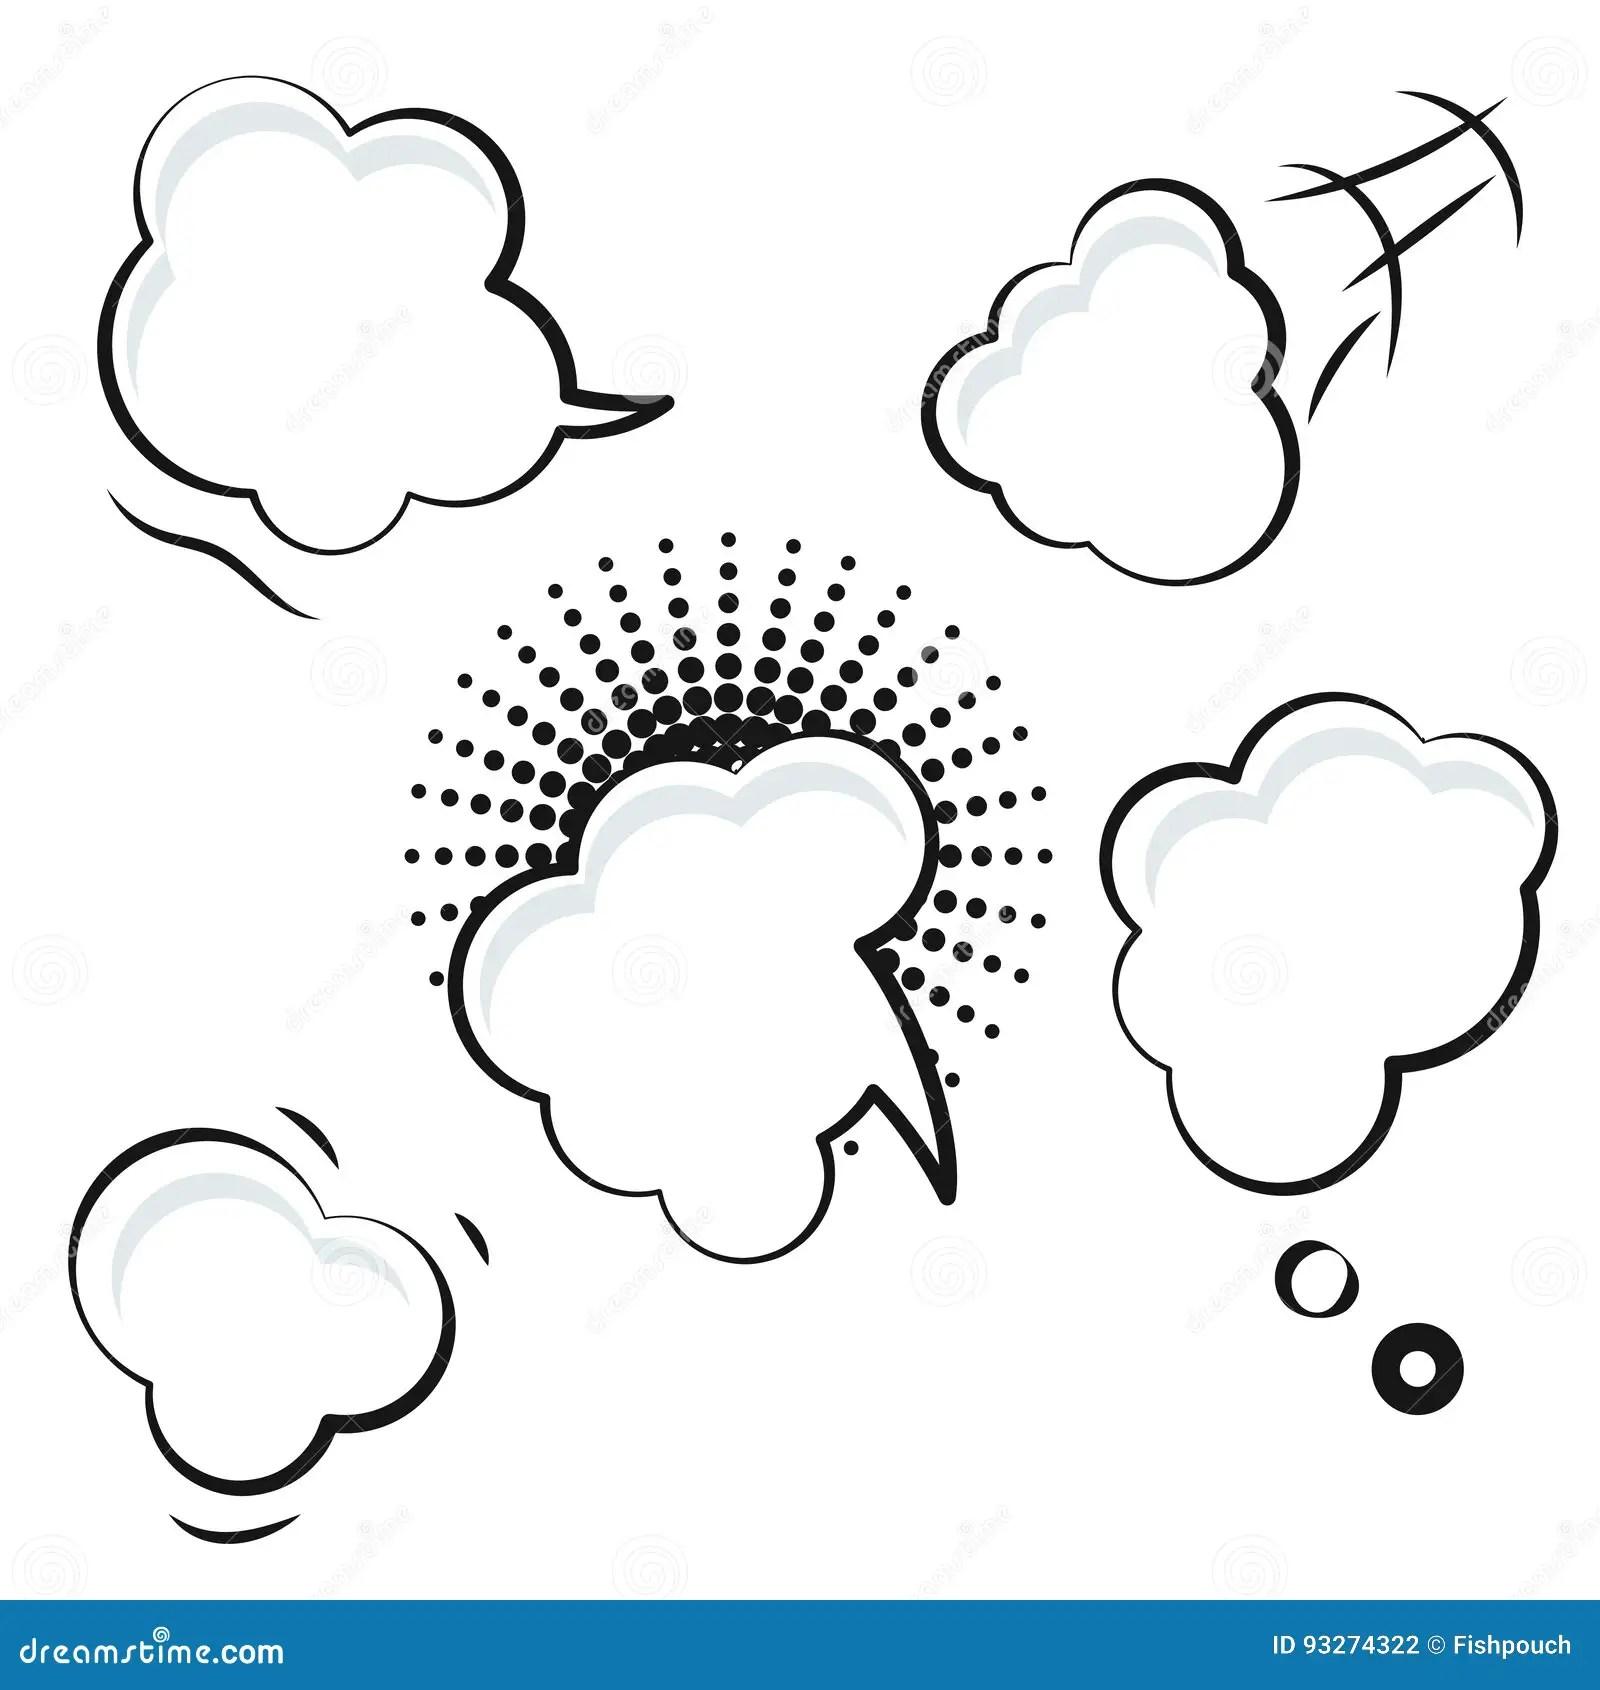 Comic Speech Bubble White Vector Icons. Stock Vector